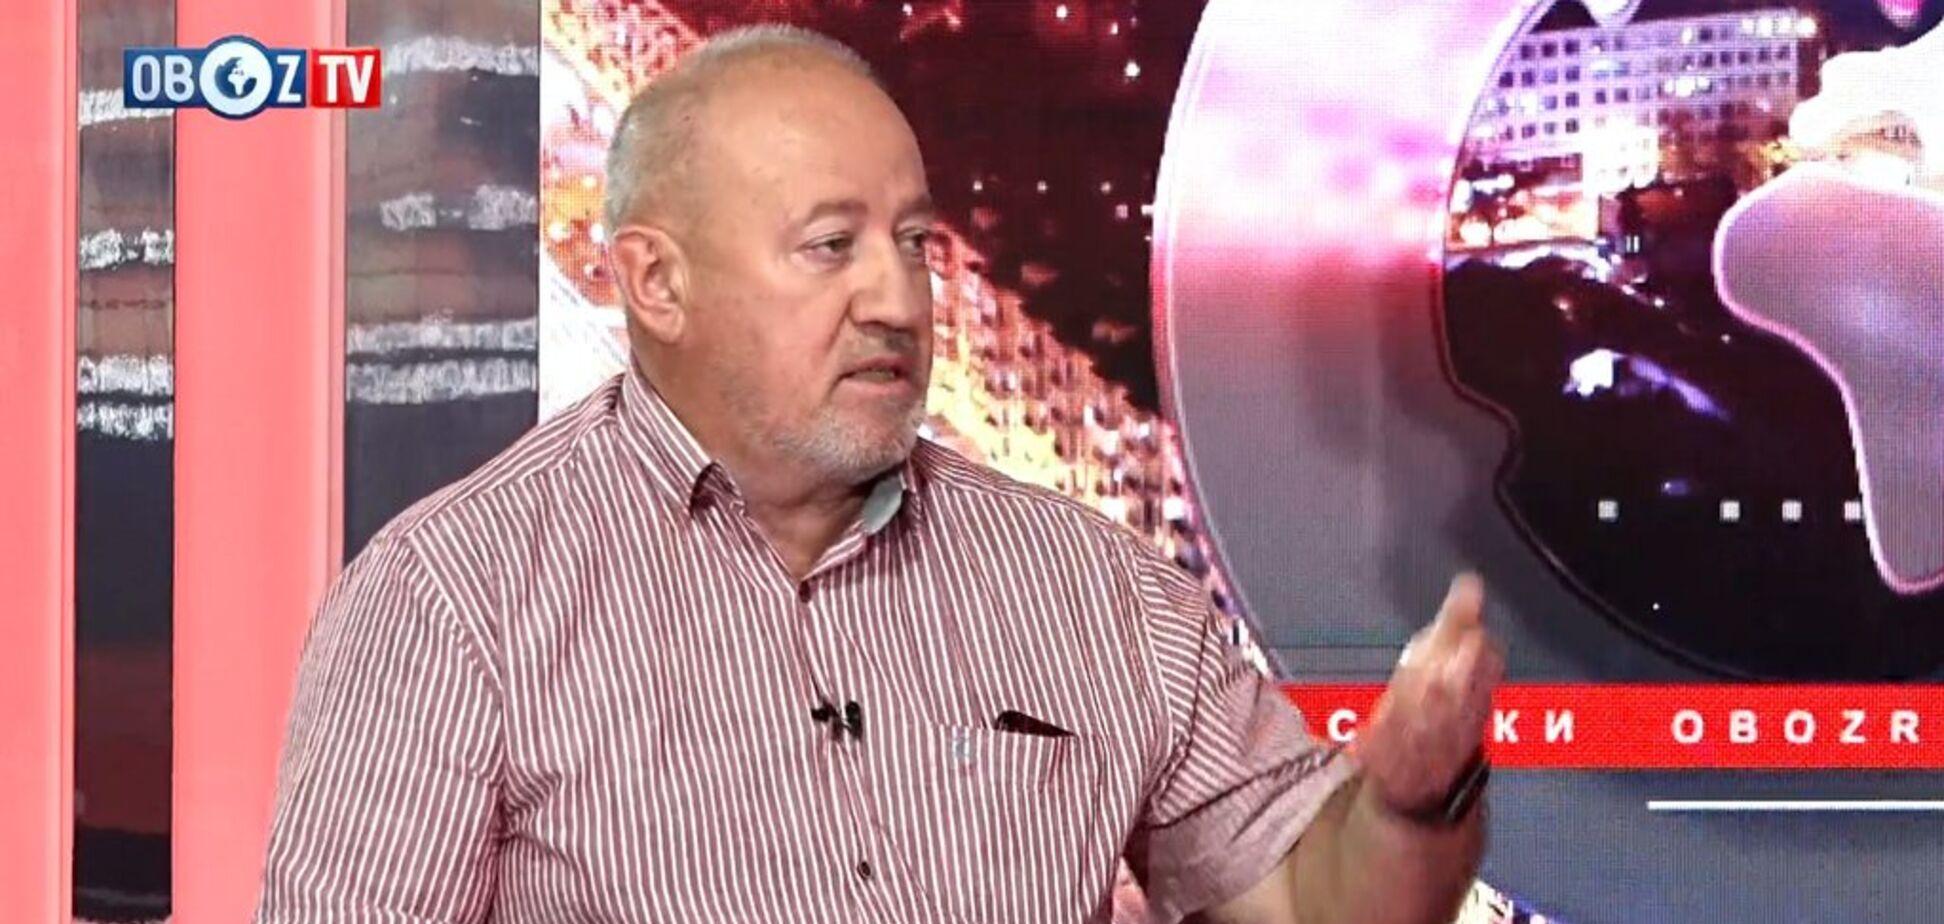 Опции ''блокирования трибуны'' в законе вообще нет: народный депутат